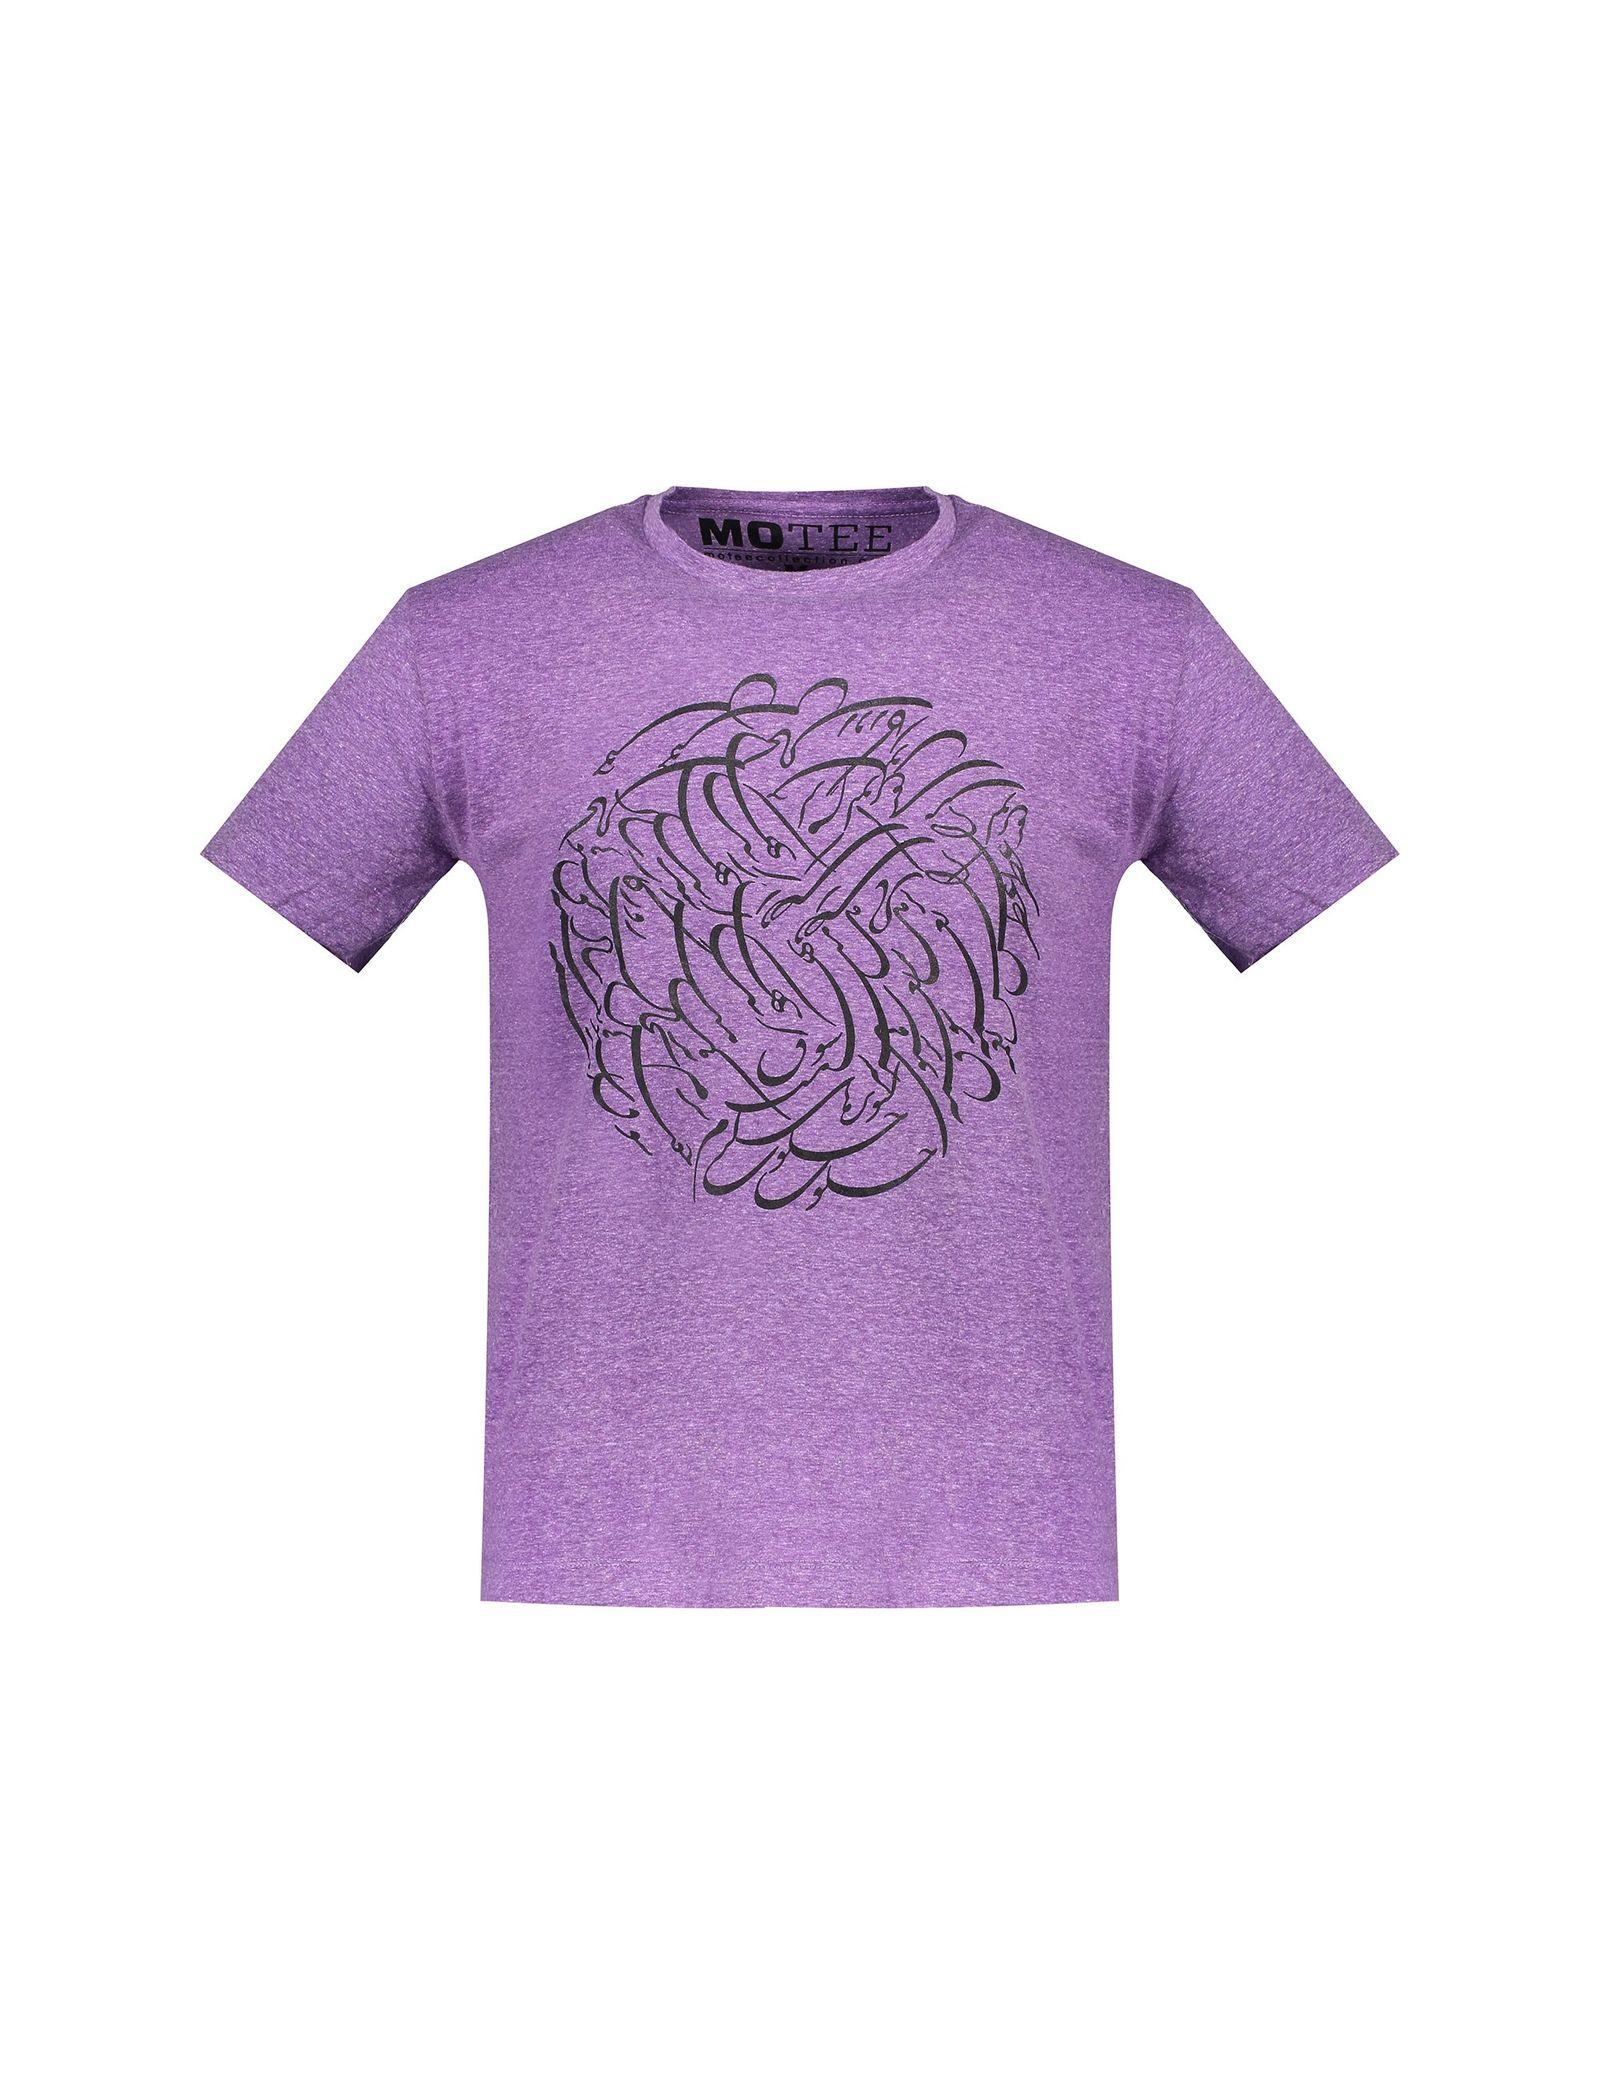 تی شرت یقه گرد مردانه - متی - بنفش - 1